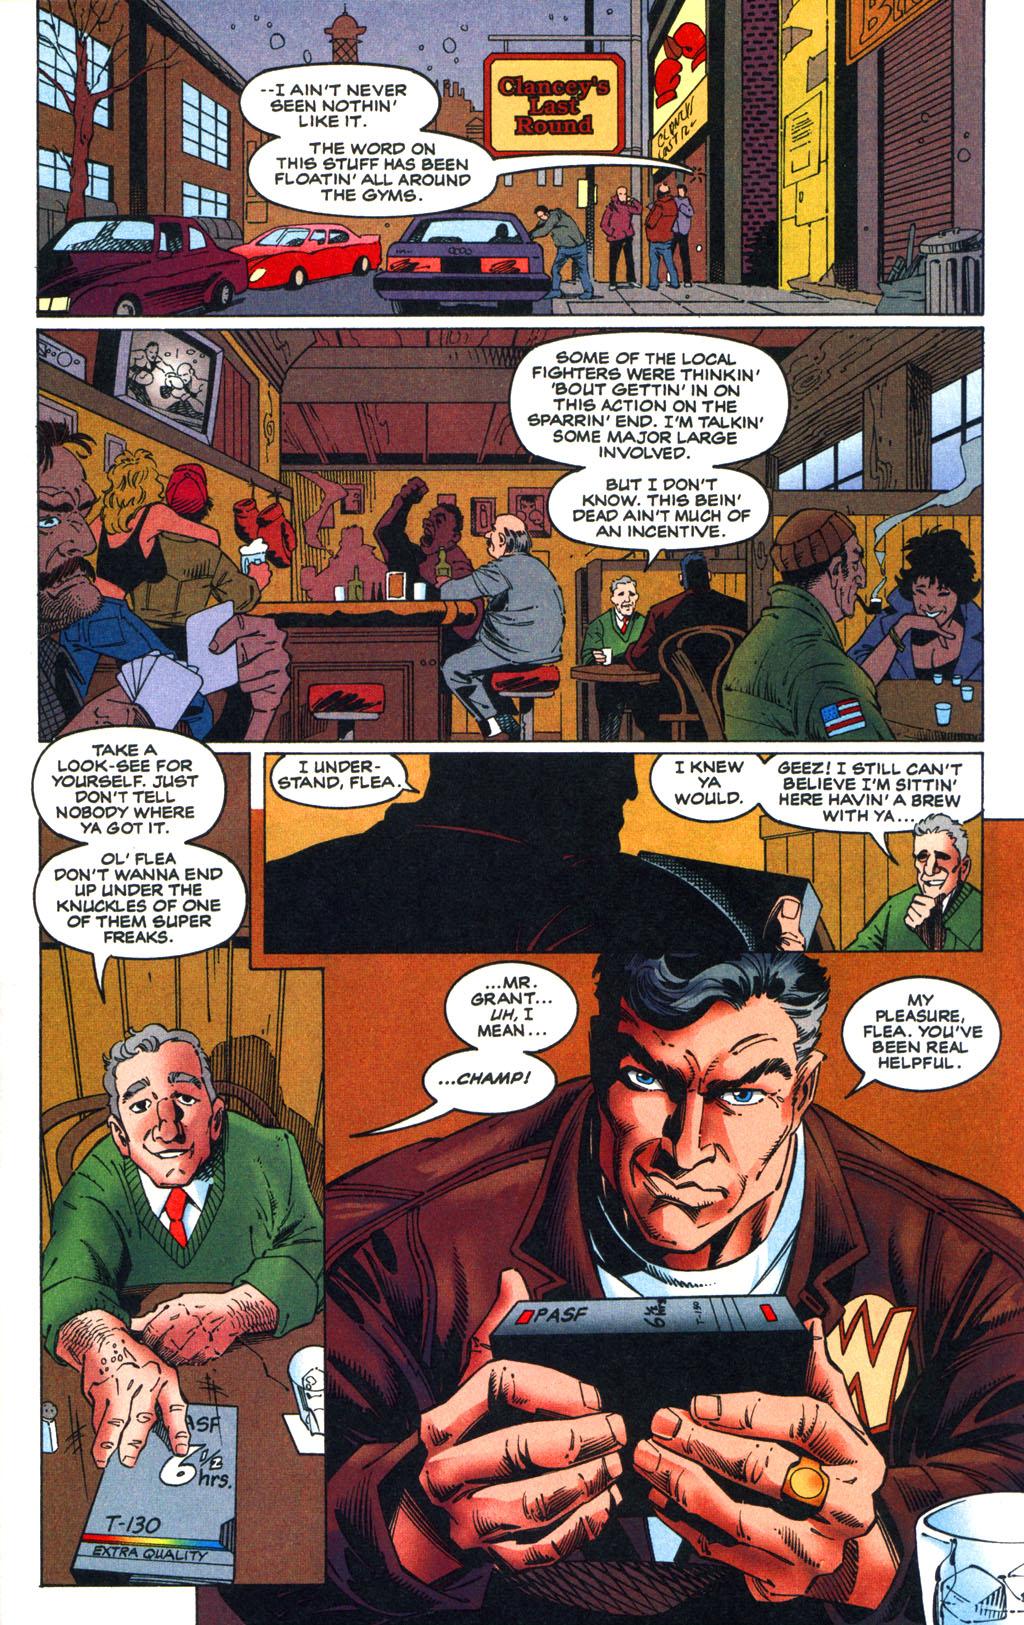 Read online Batman/Wildcat comic -  Issue #1 - 5